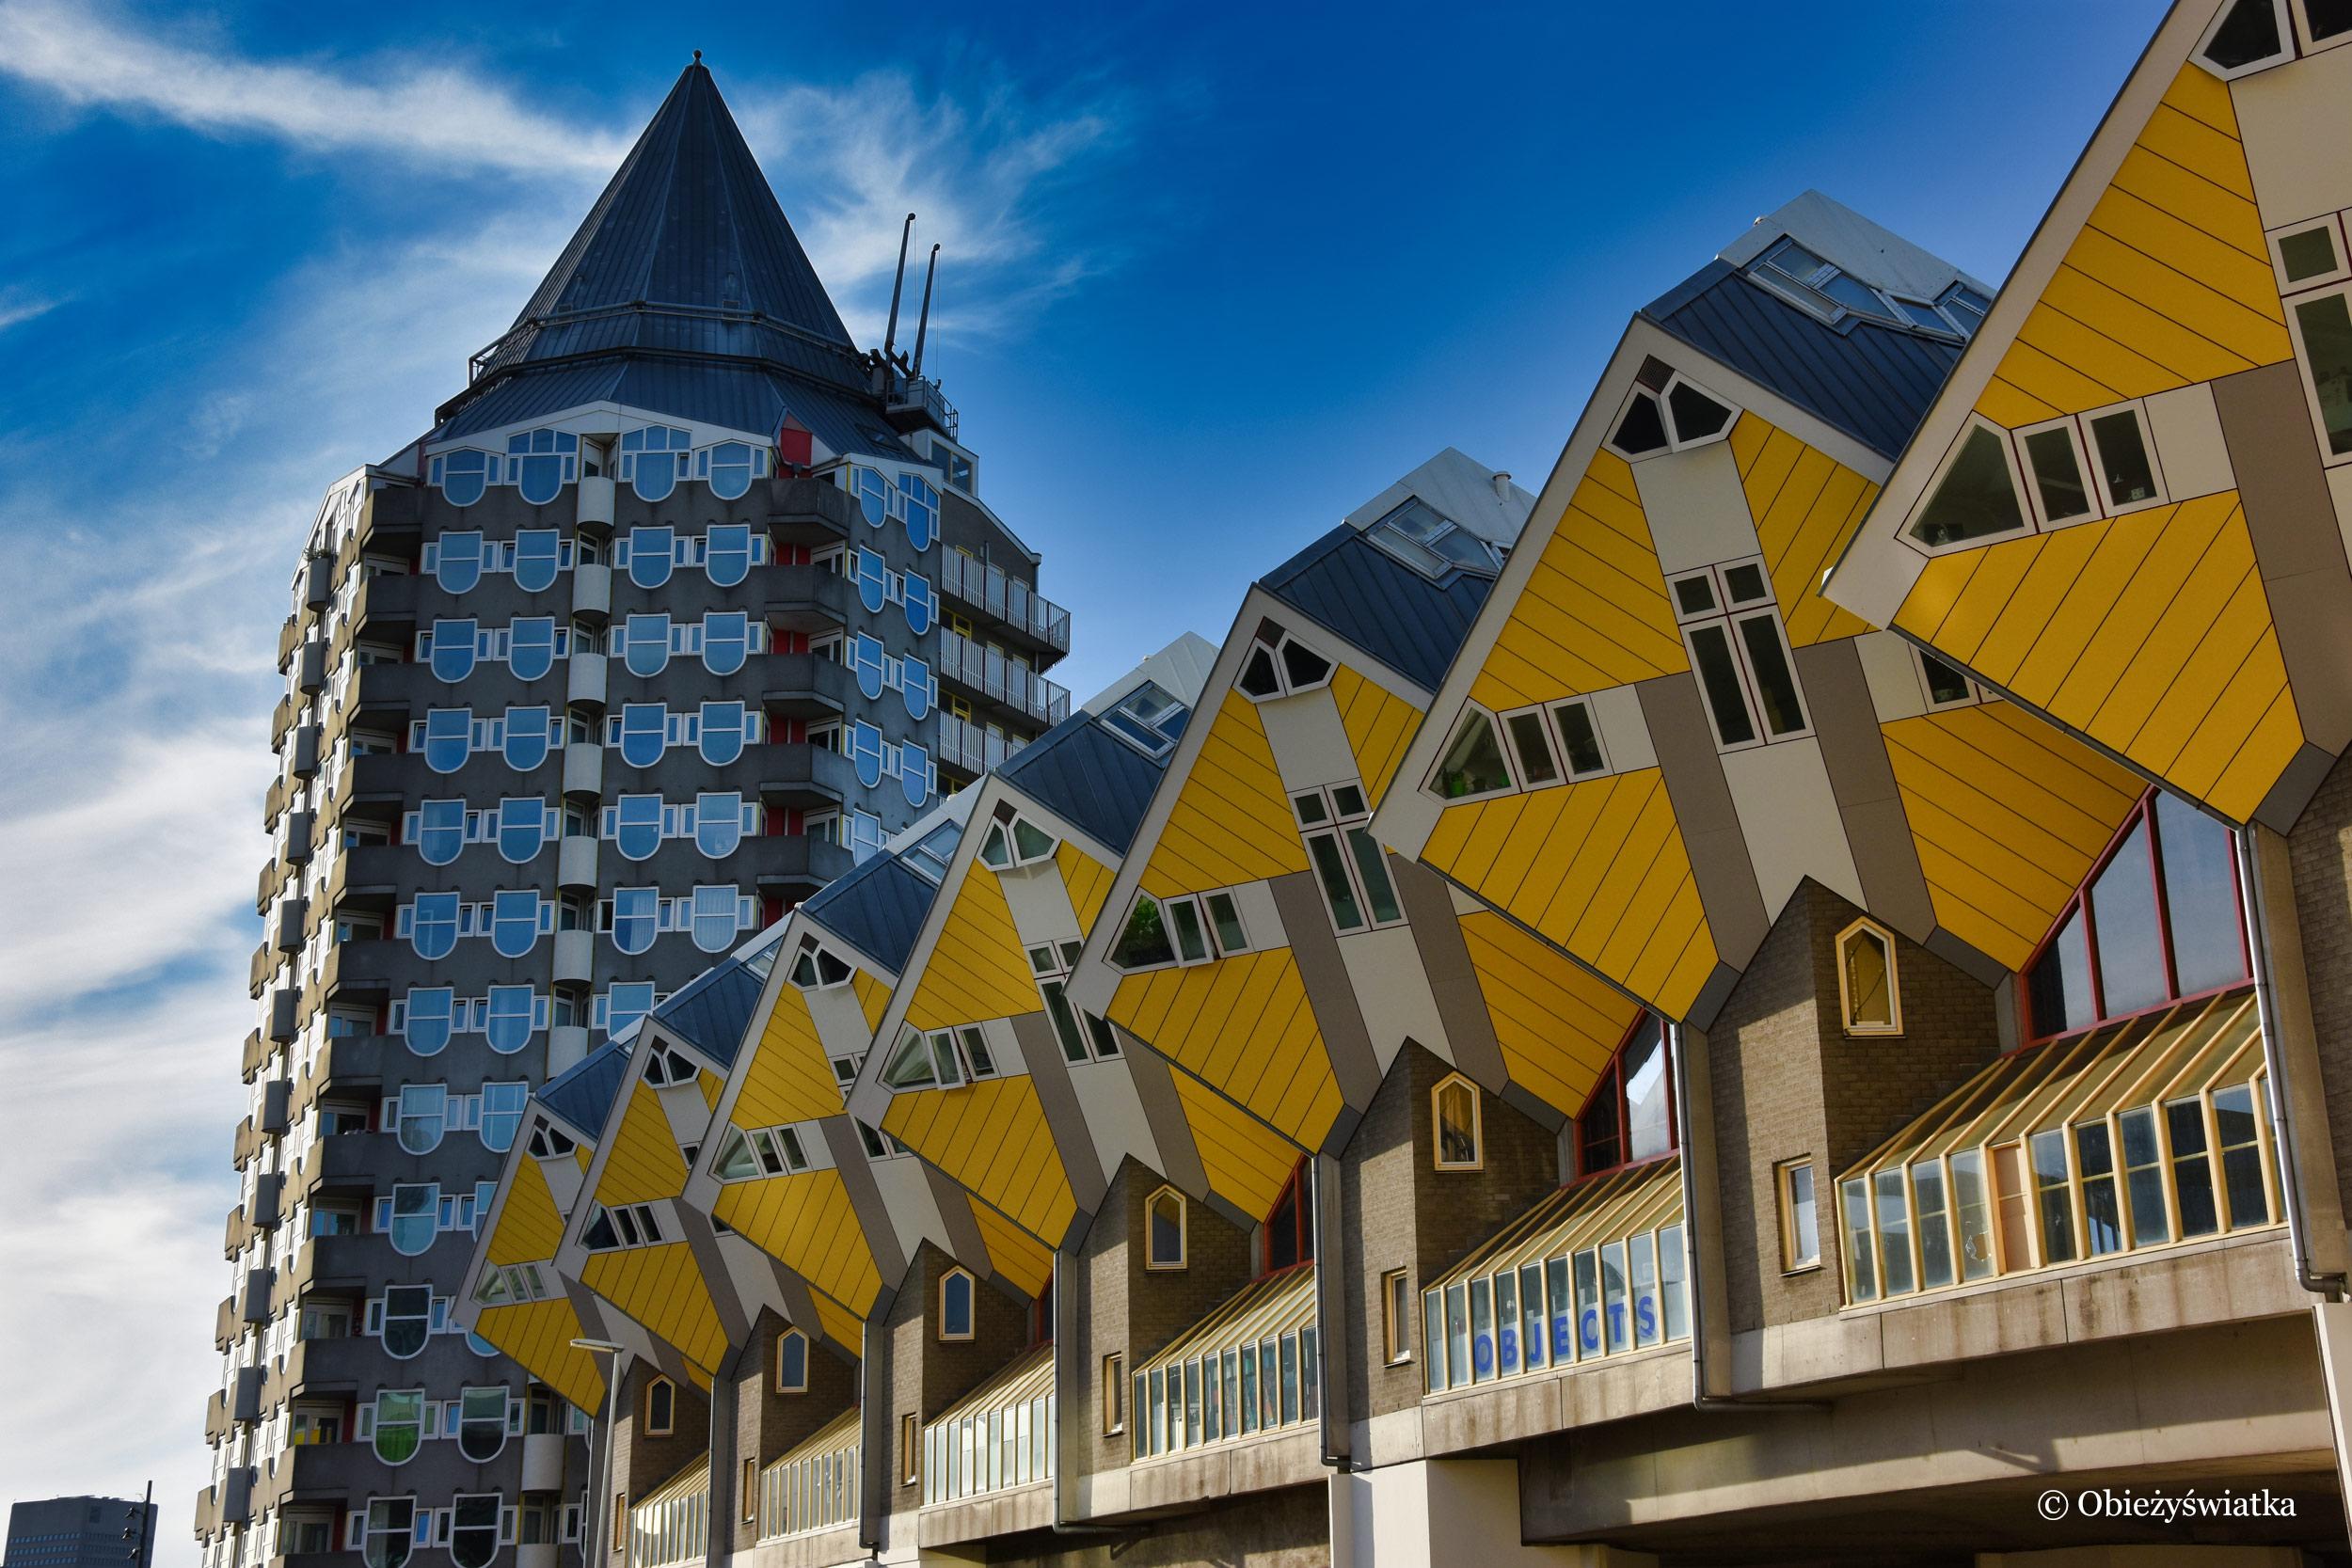 Z miłości do geometrii - Cube Houses, Rotterdam